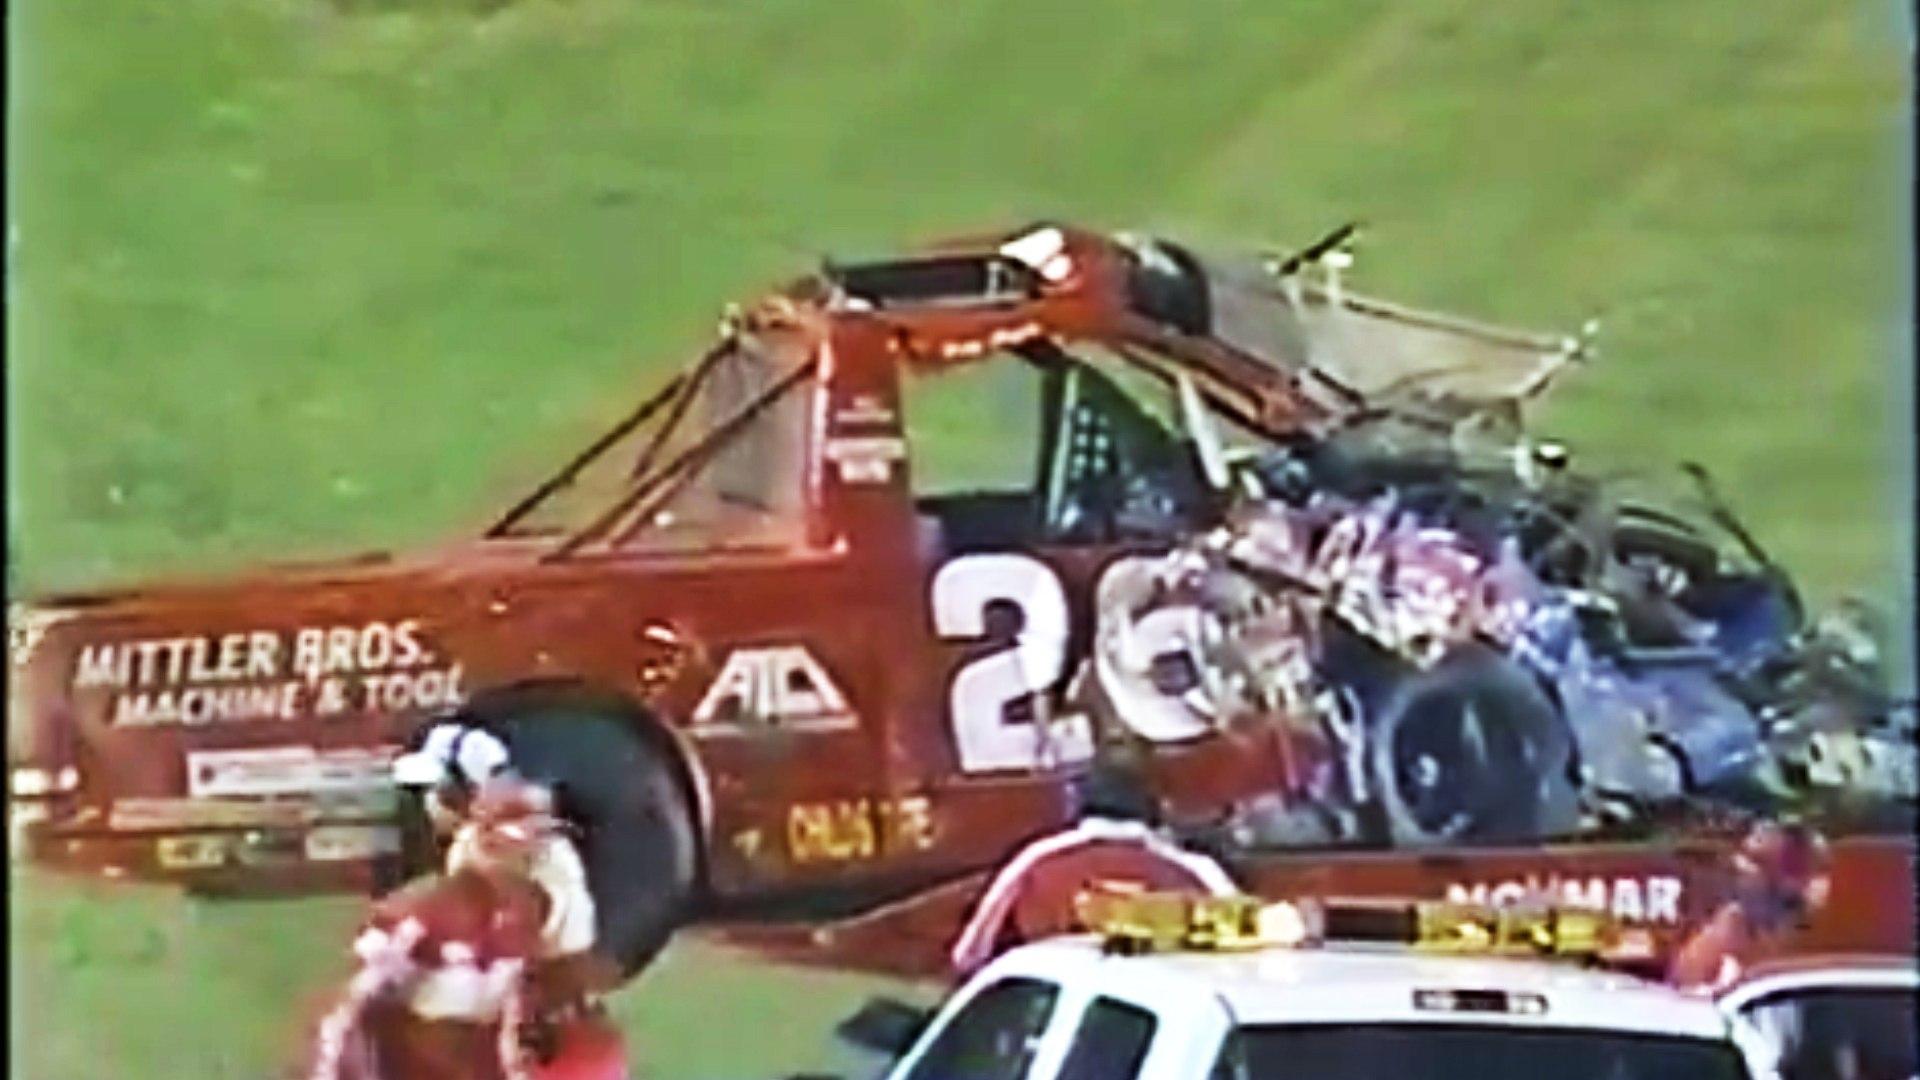 Tony Roper fatal crash at Texas Motor Speedway (13 October 2000) NASCAR  Trucks